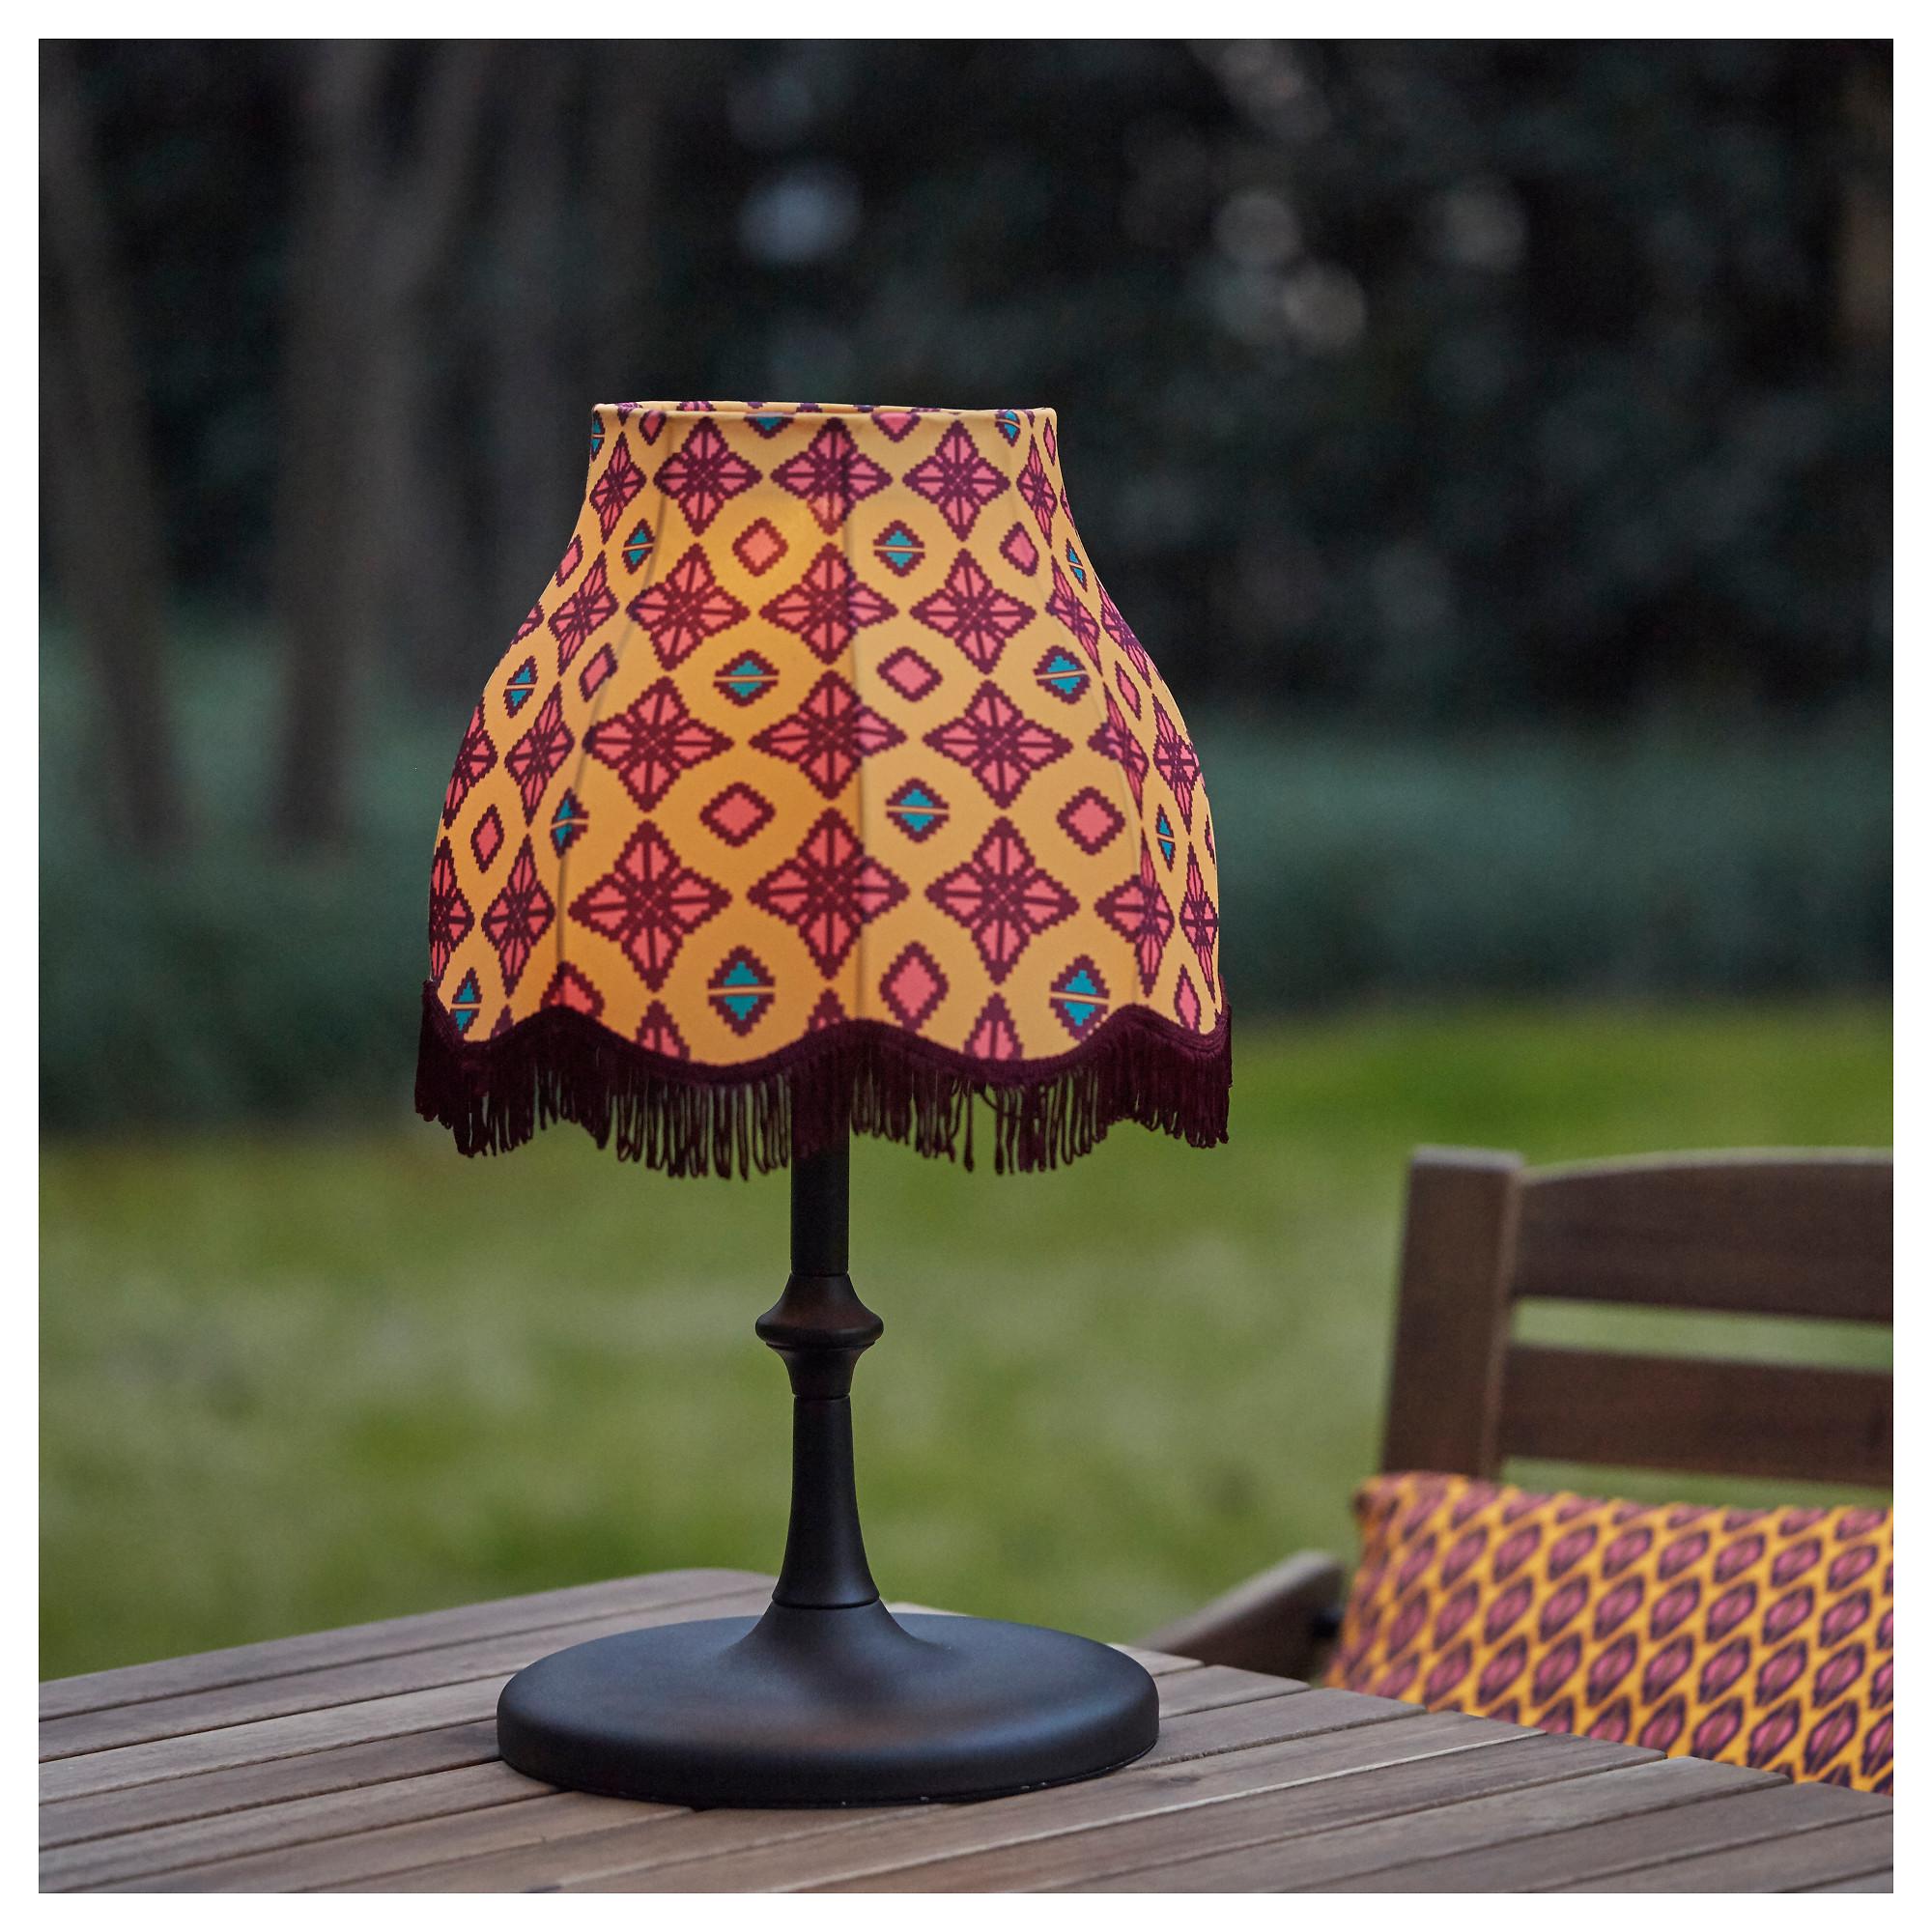 Настольная светодиодная лампа, солнечная батарея СОЛВИДЕН оранжевый артикуль № 203.405.84 в наличии. Онлайн сайт IKEA РБ. Быстрая доставка и соборка.